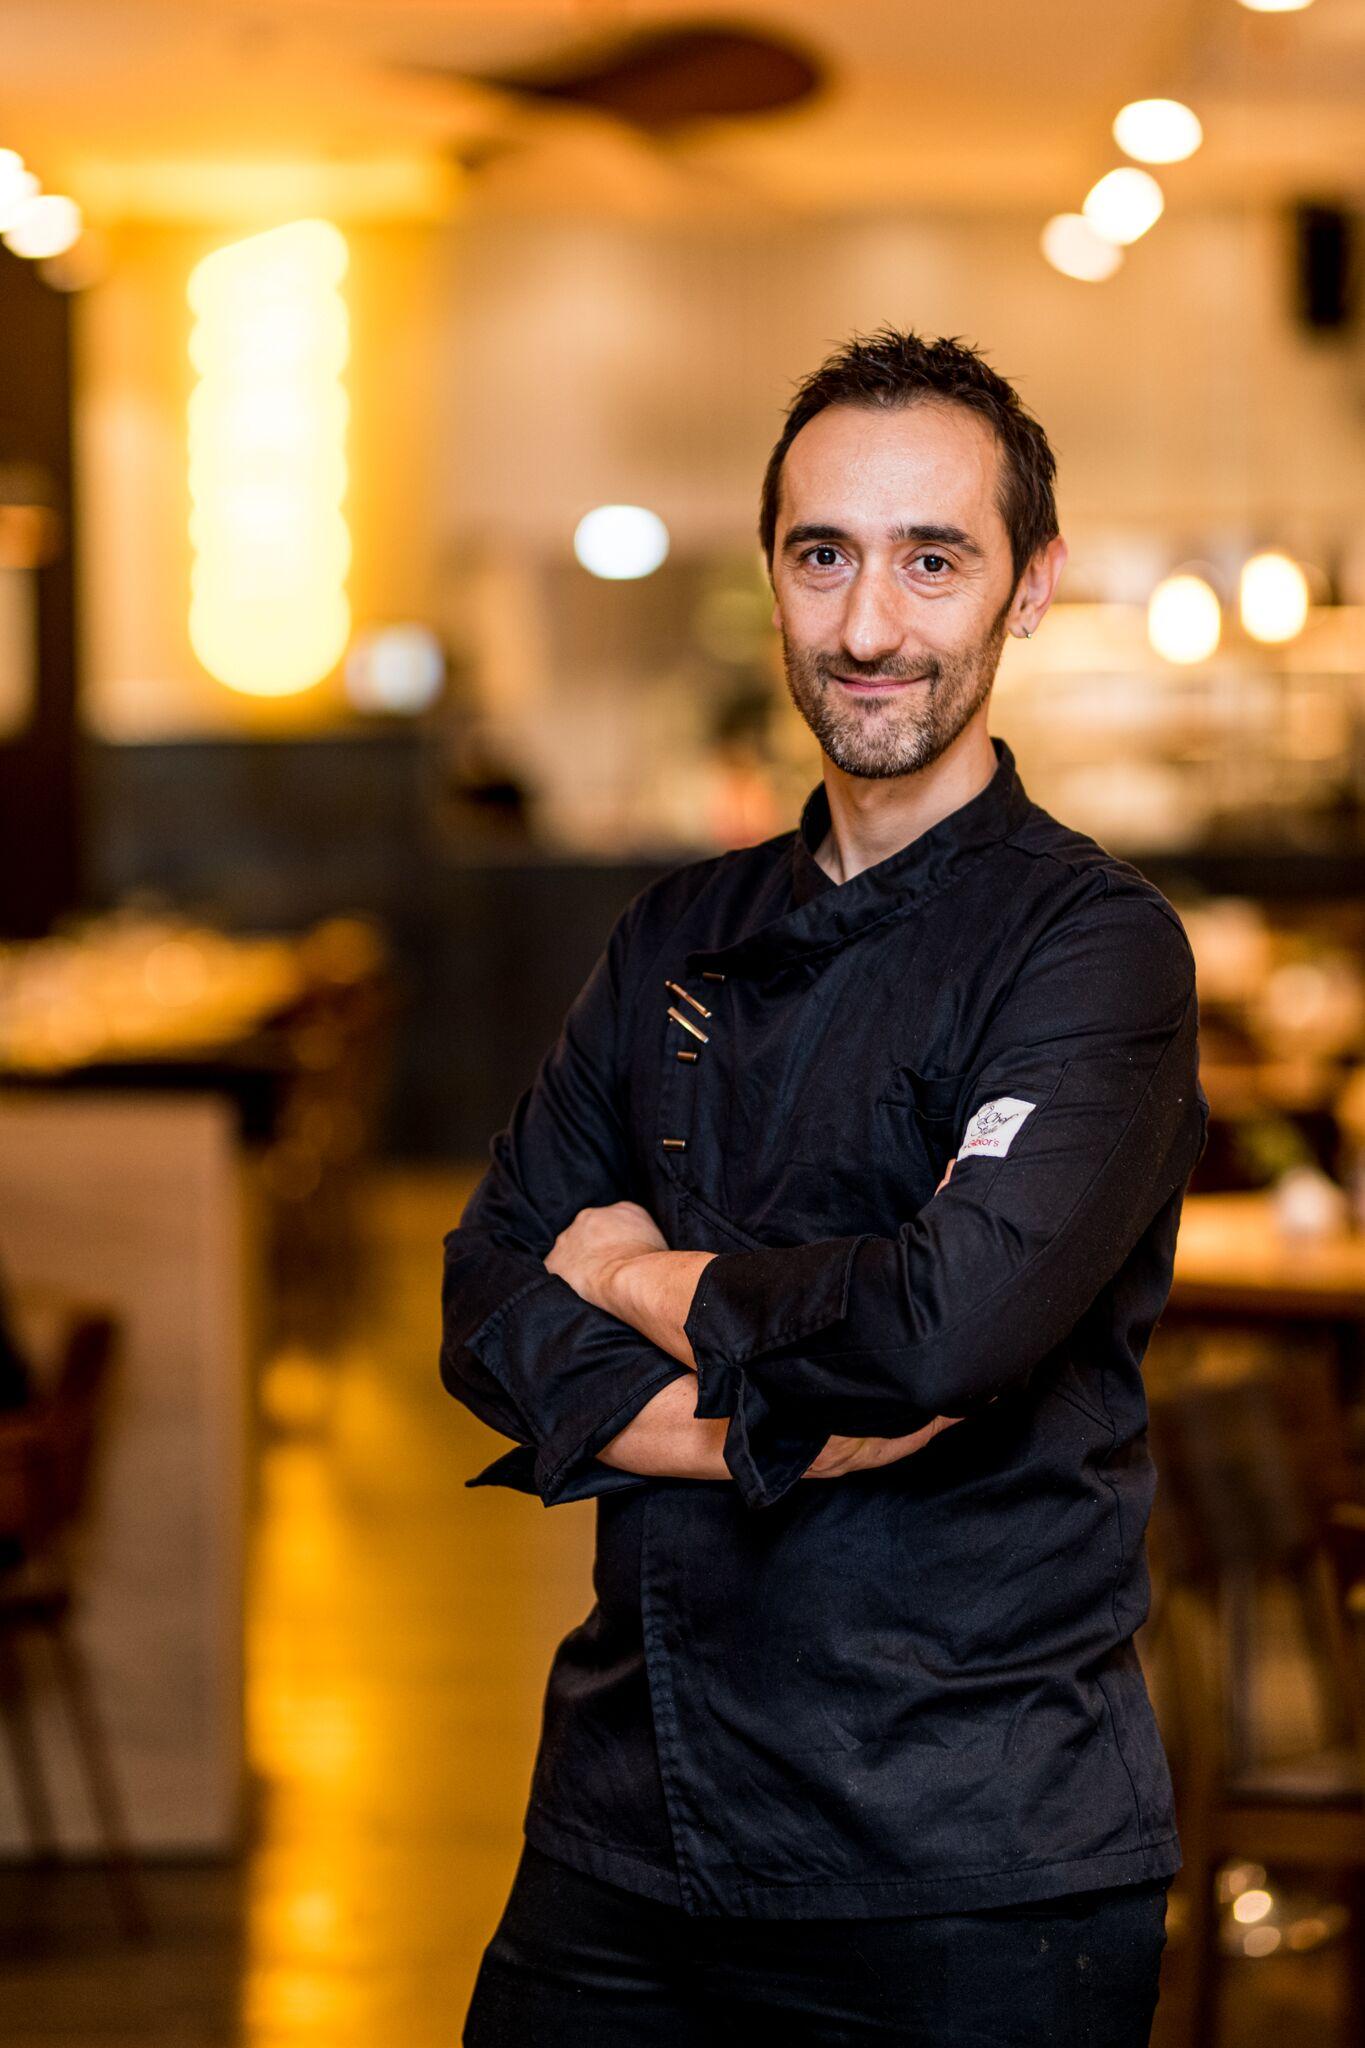 Fabrizio Caldarazzo